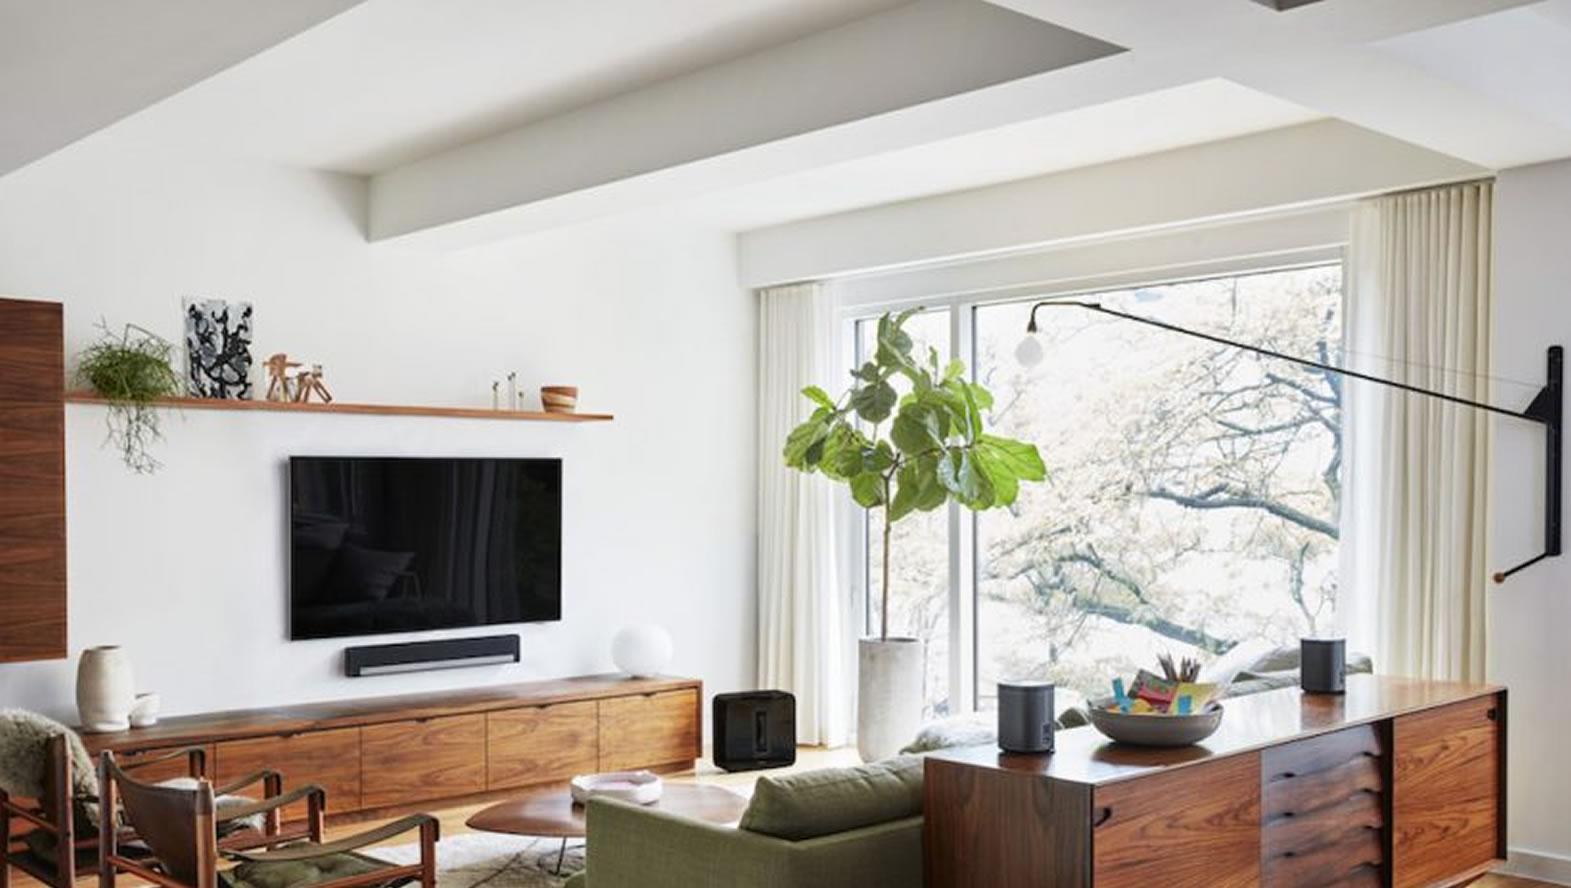 Für Ihr Zuhause und Ihr Geschäft. Das top Lautsprechersystem von Sonos. Wir von USL Veranstaltungstechnik organisieren und installieren für Sie